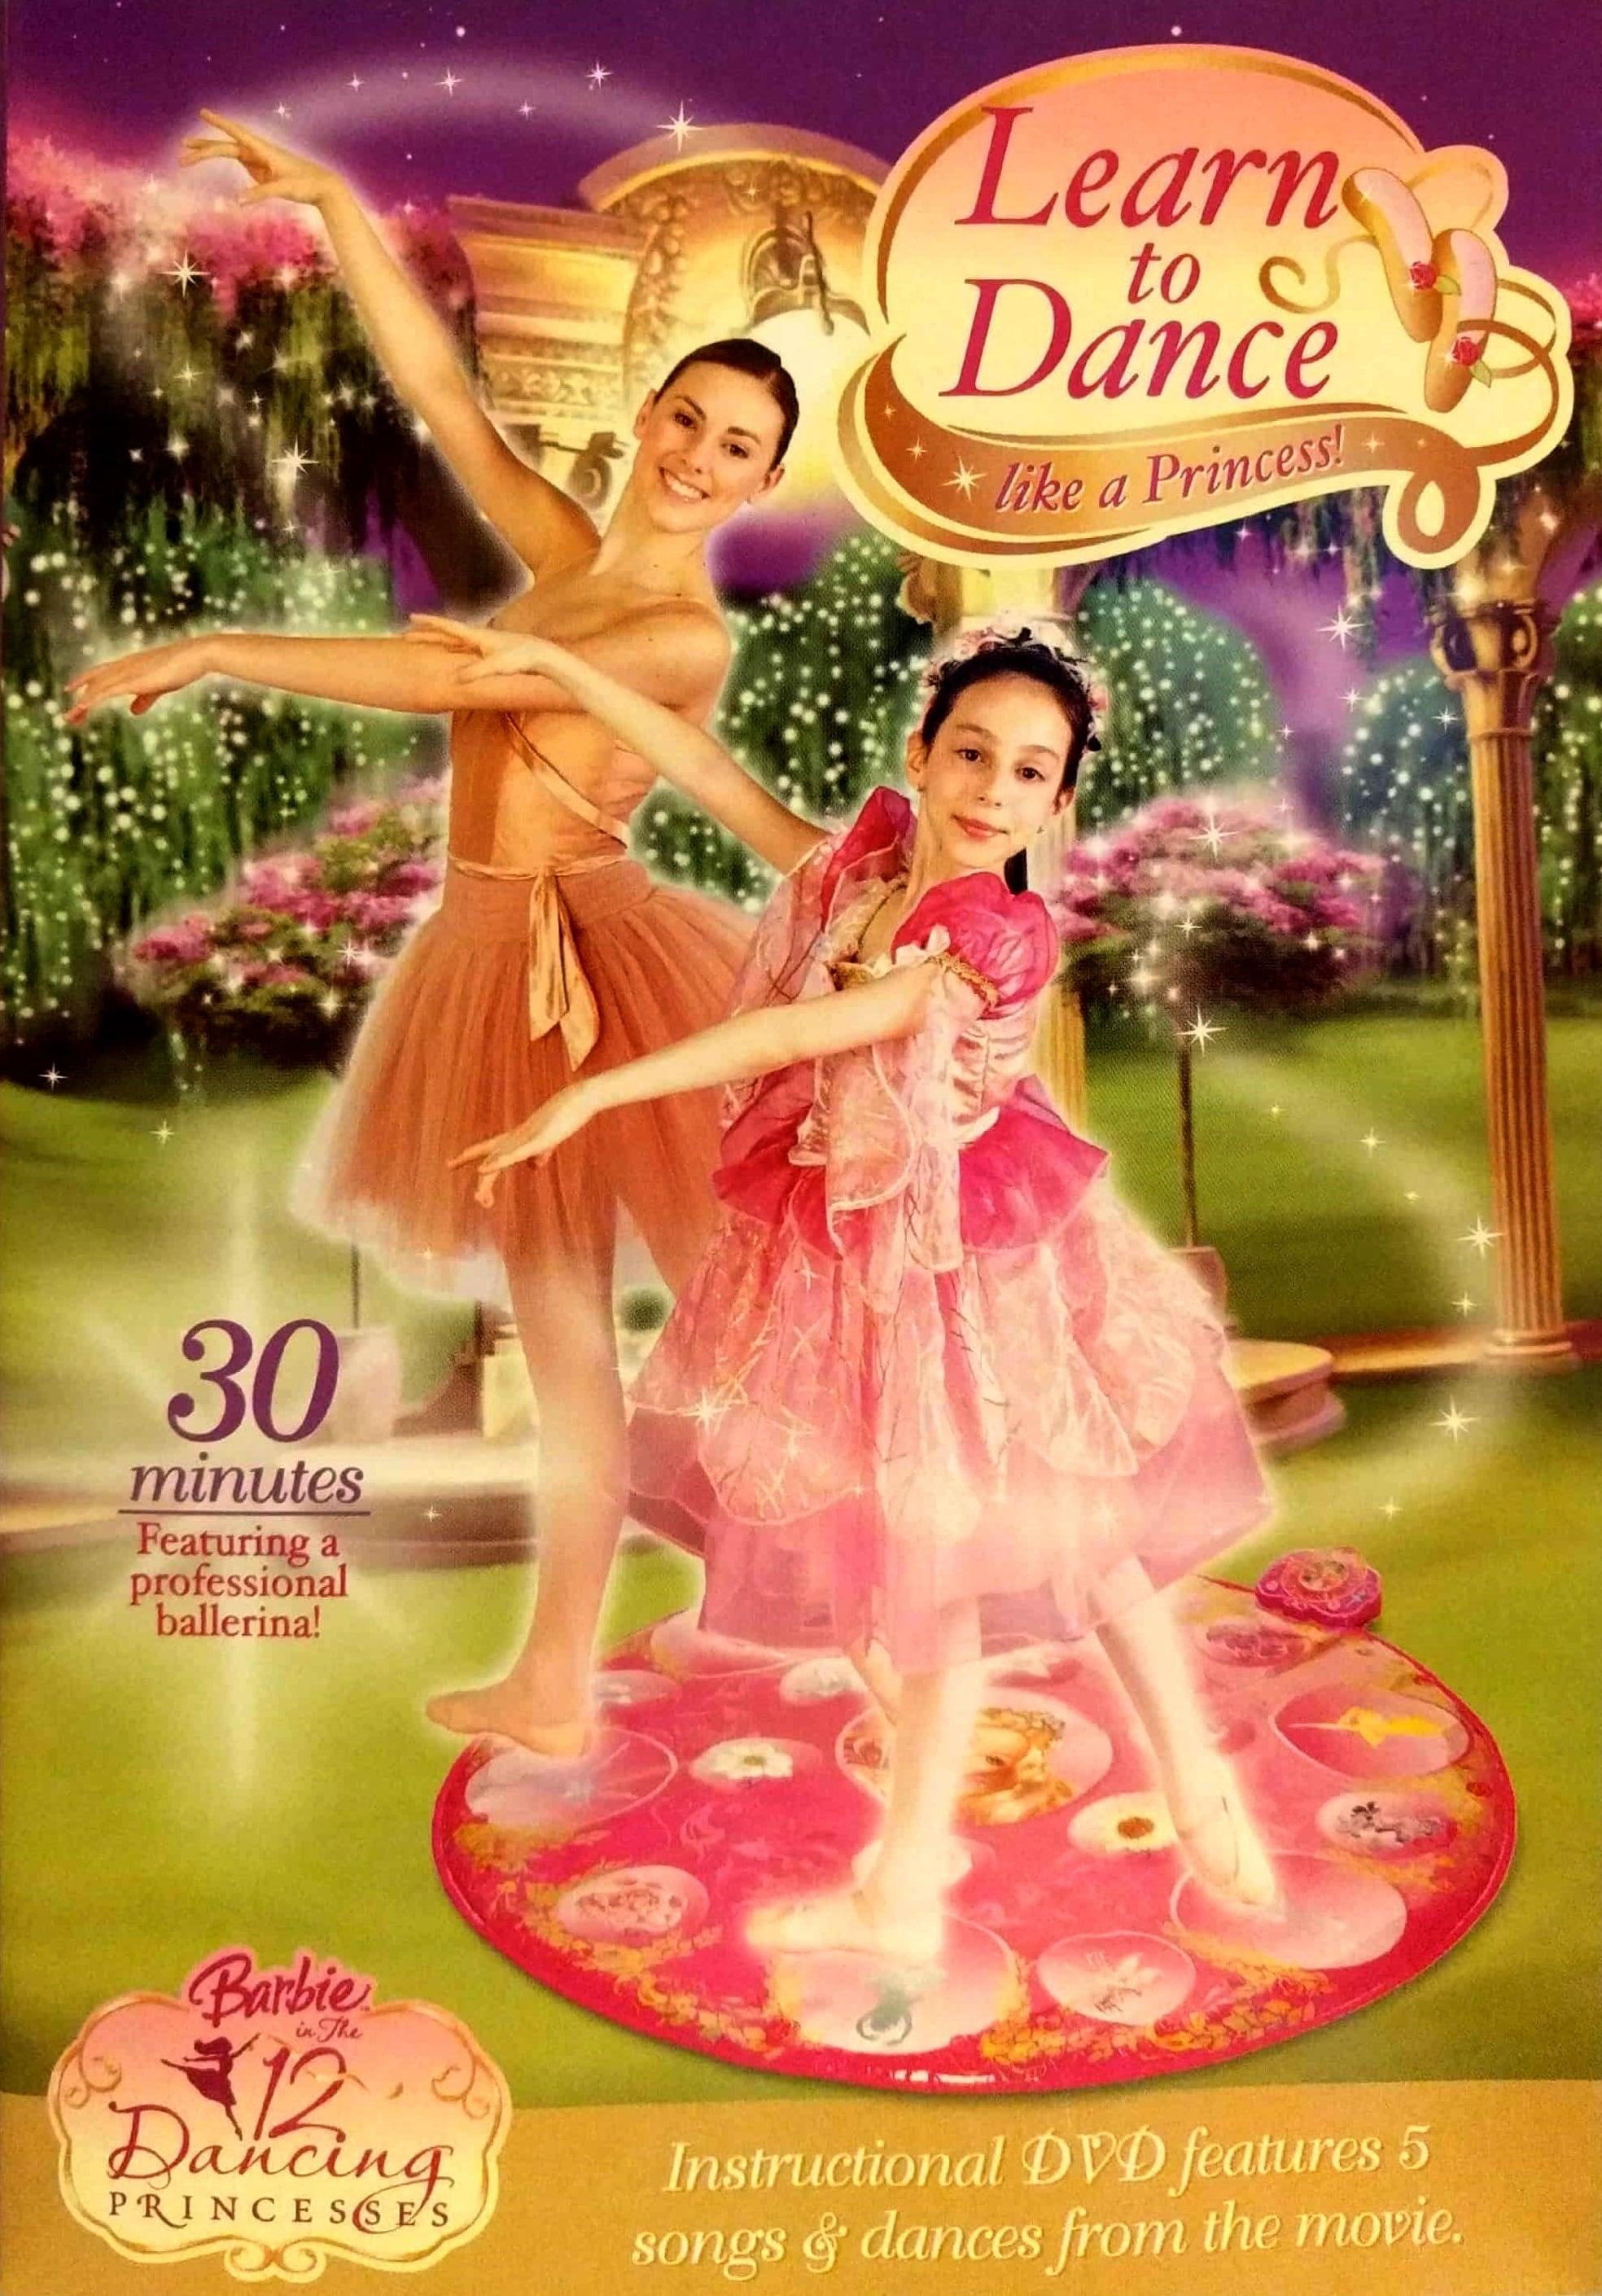 Learn to Dance Like a Princess! (2006)